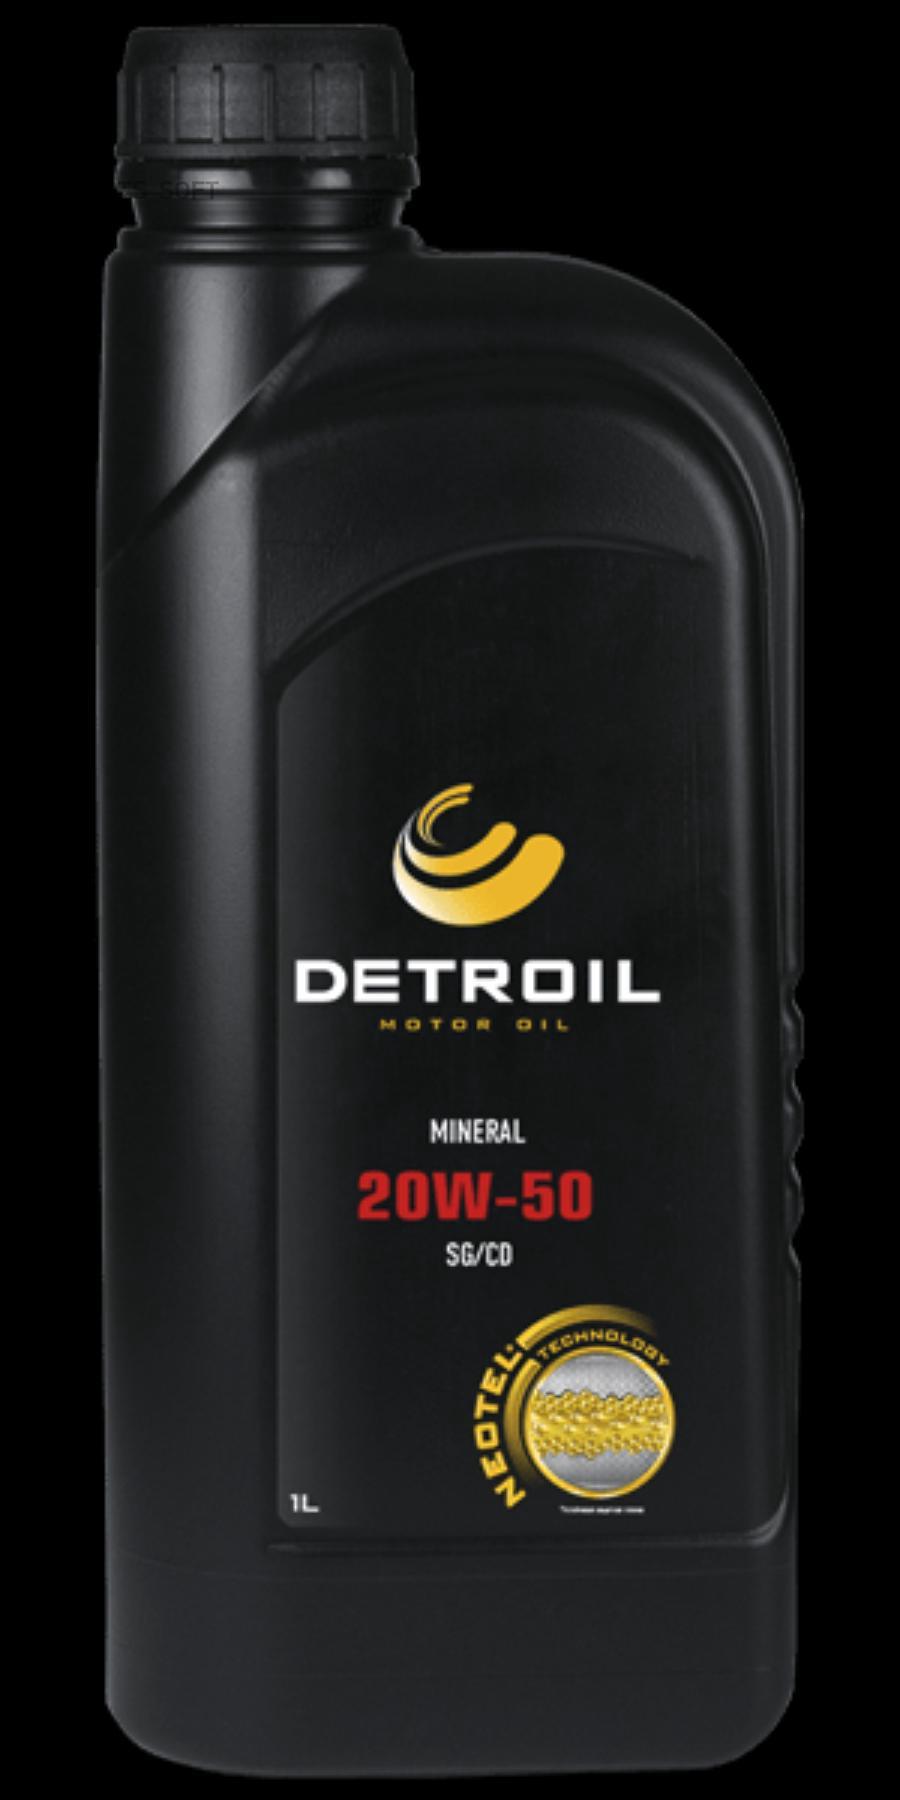 Моторное масло DETROIL 20W-50 (1л.) минеральное SG/CD